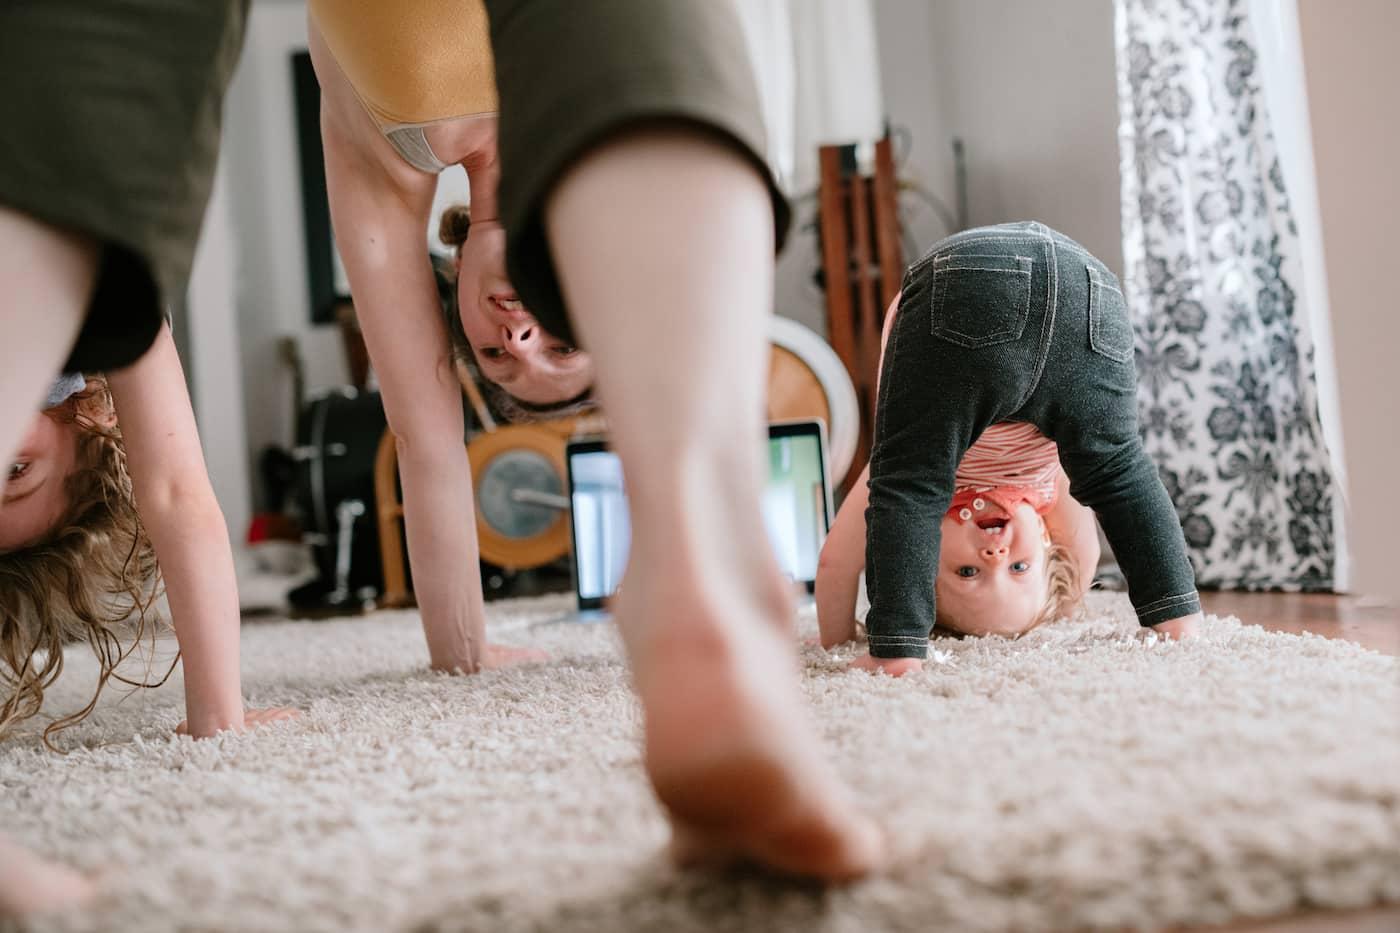 Γυμναστική με τα παιδιά σου στο σπίτι – Πως να το διασκεδάσεις